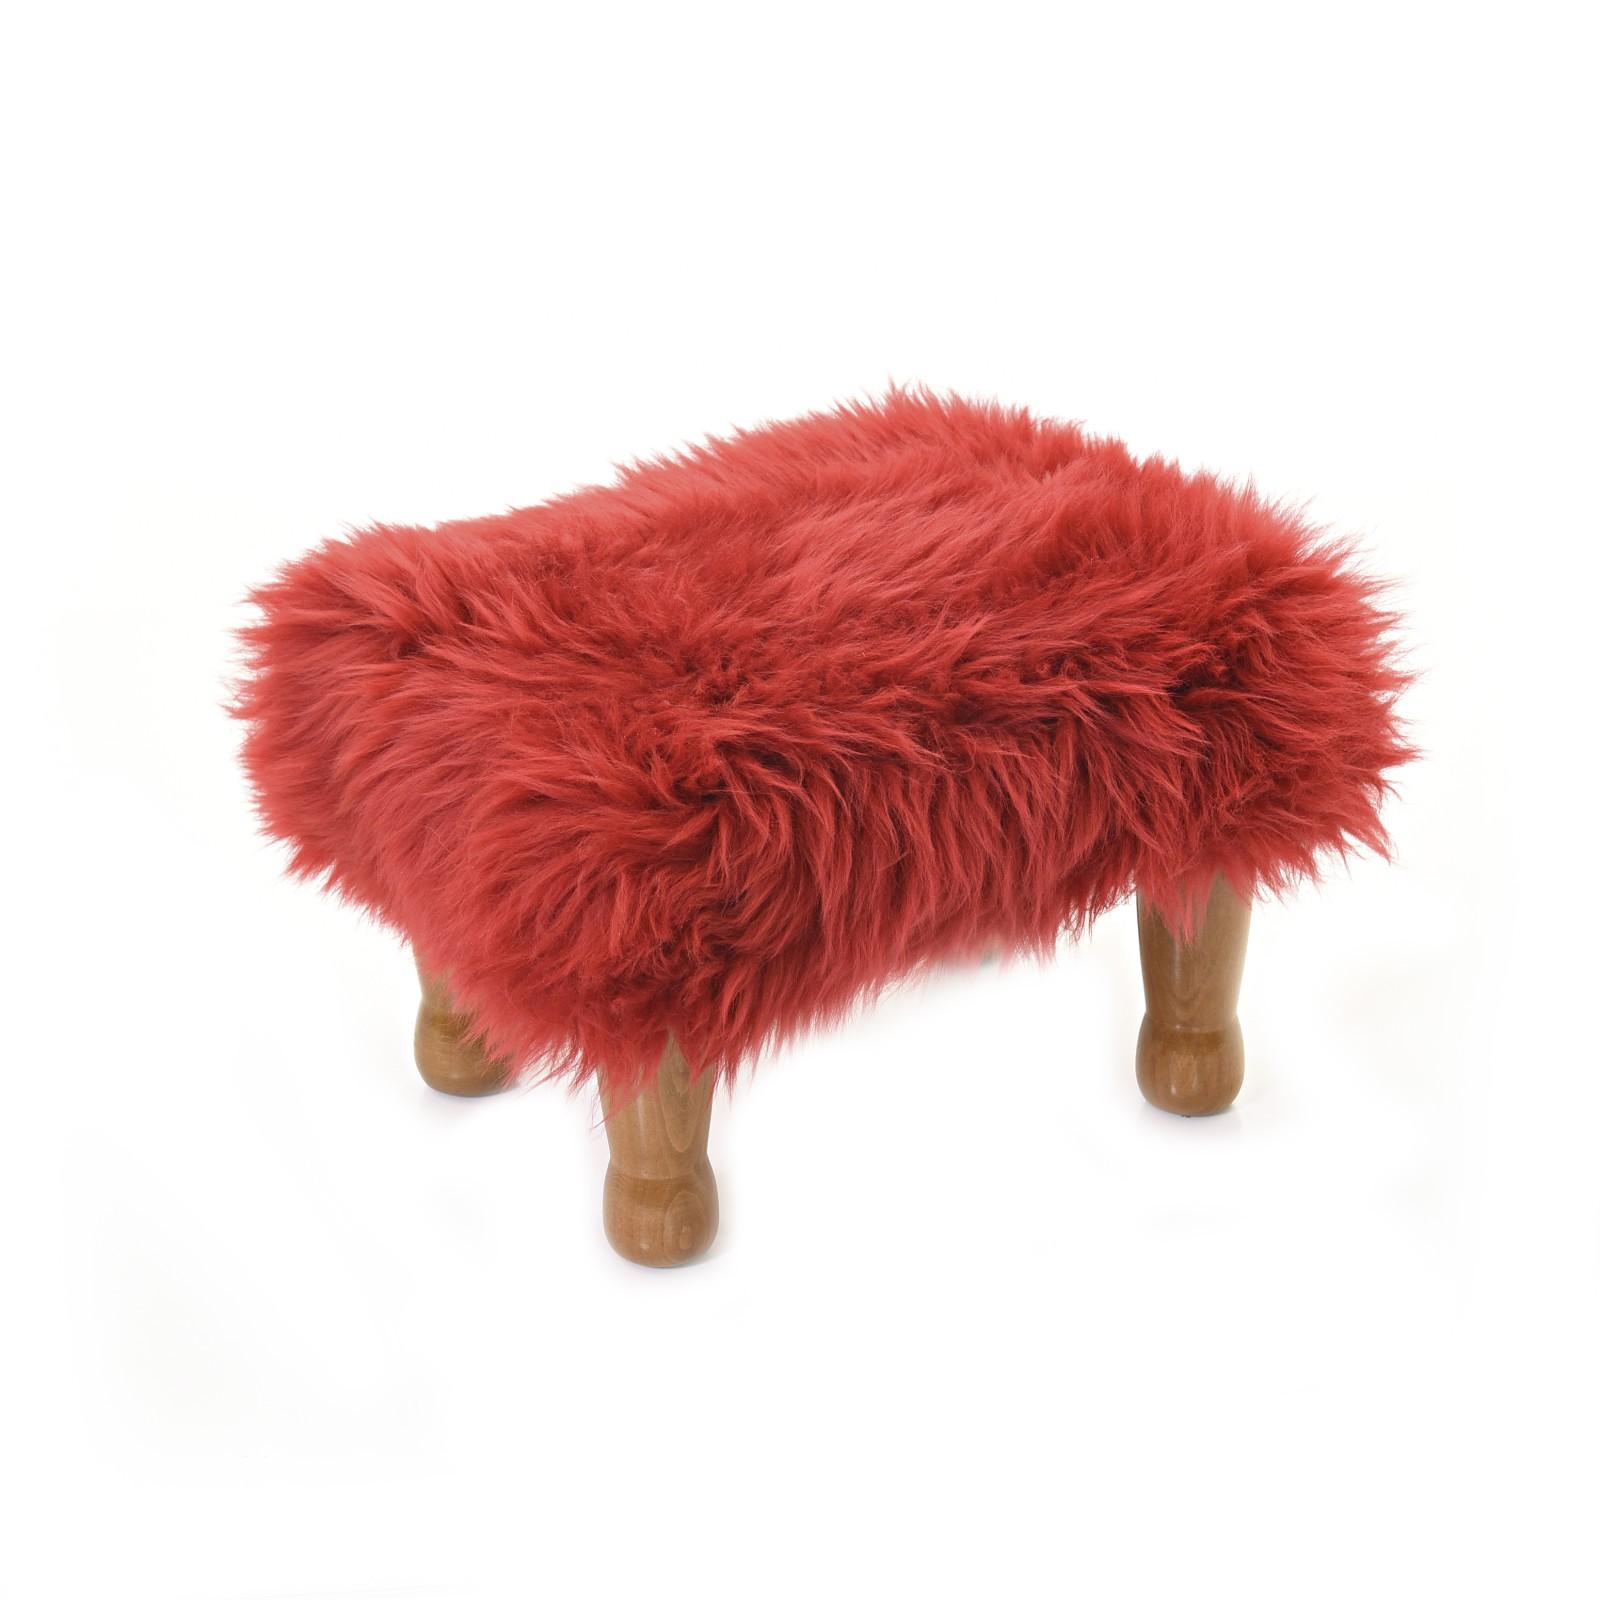 Anwen - Sheepskin Footstool Dragon Red